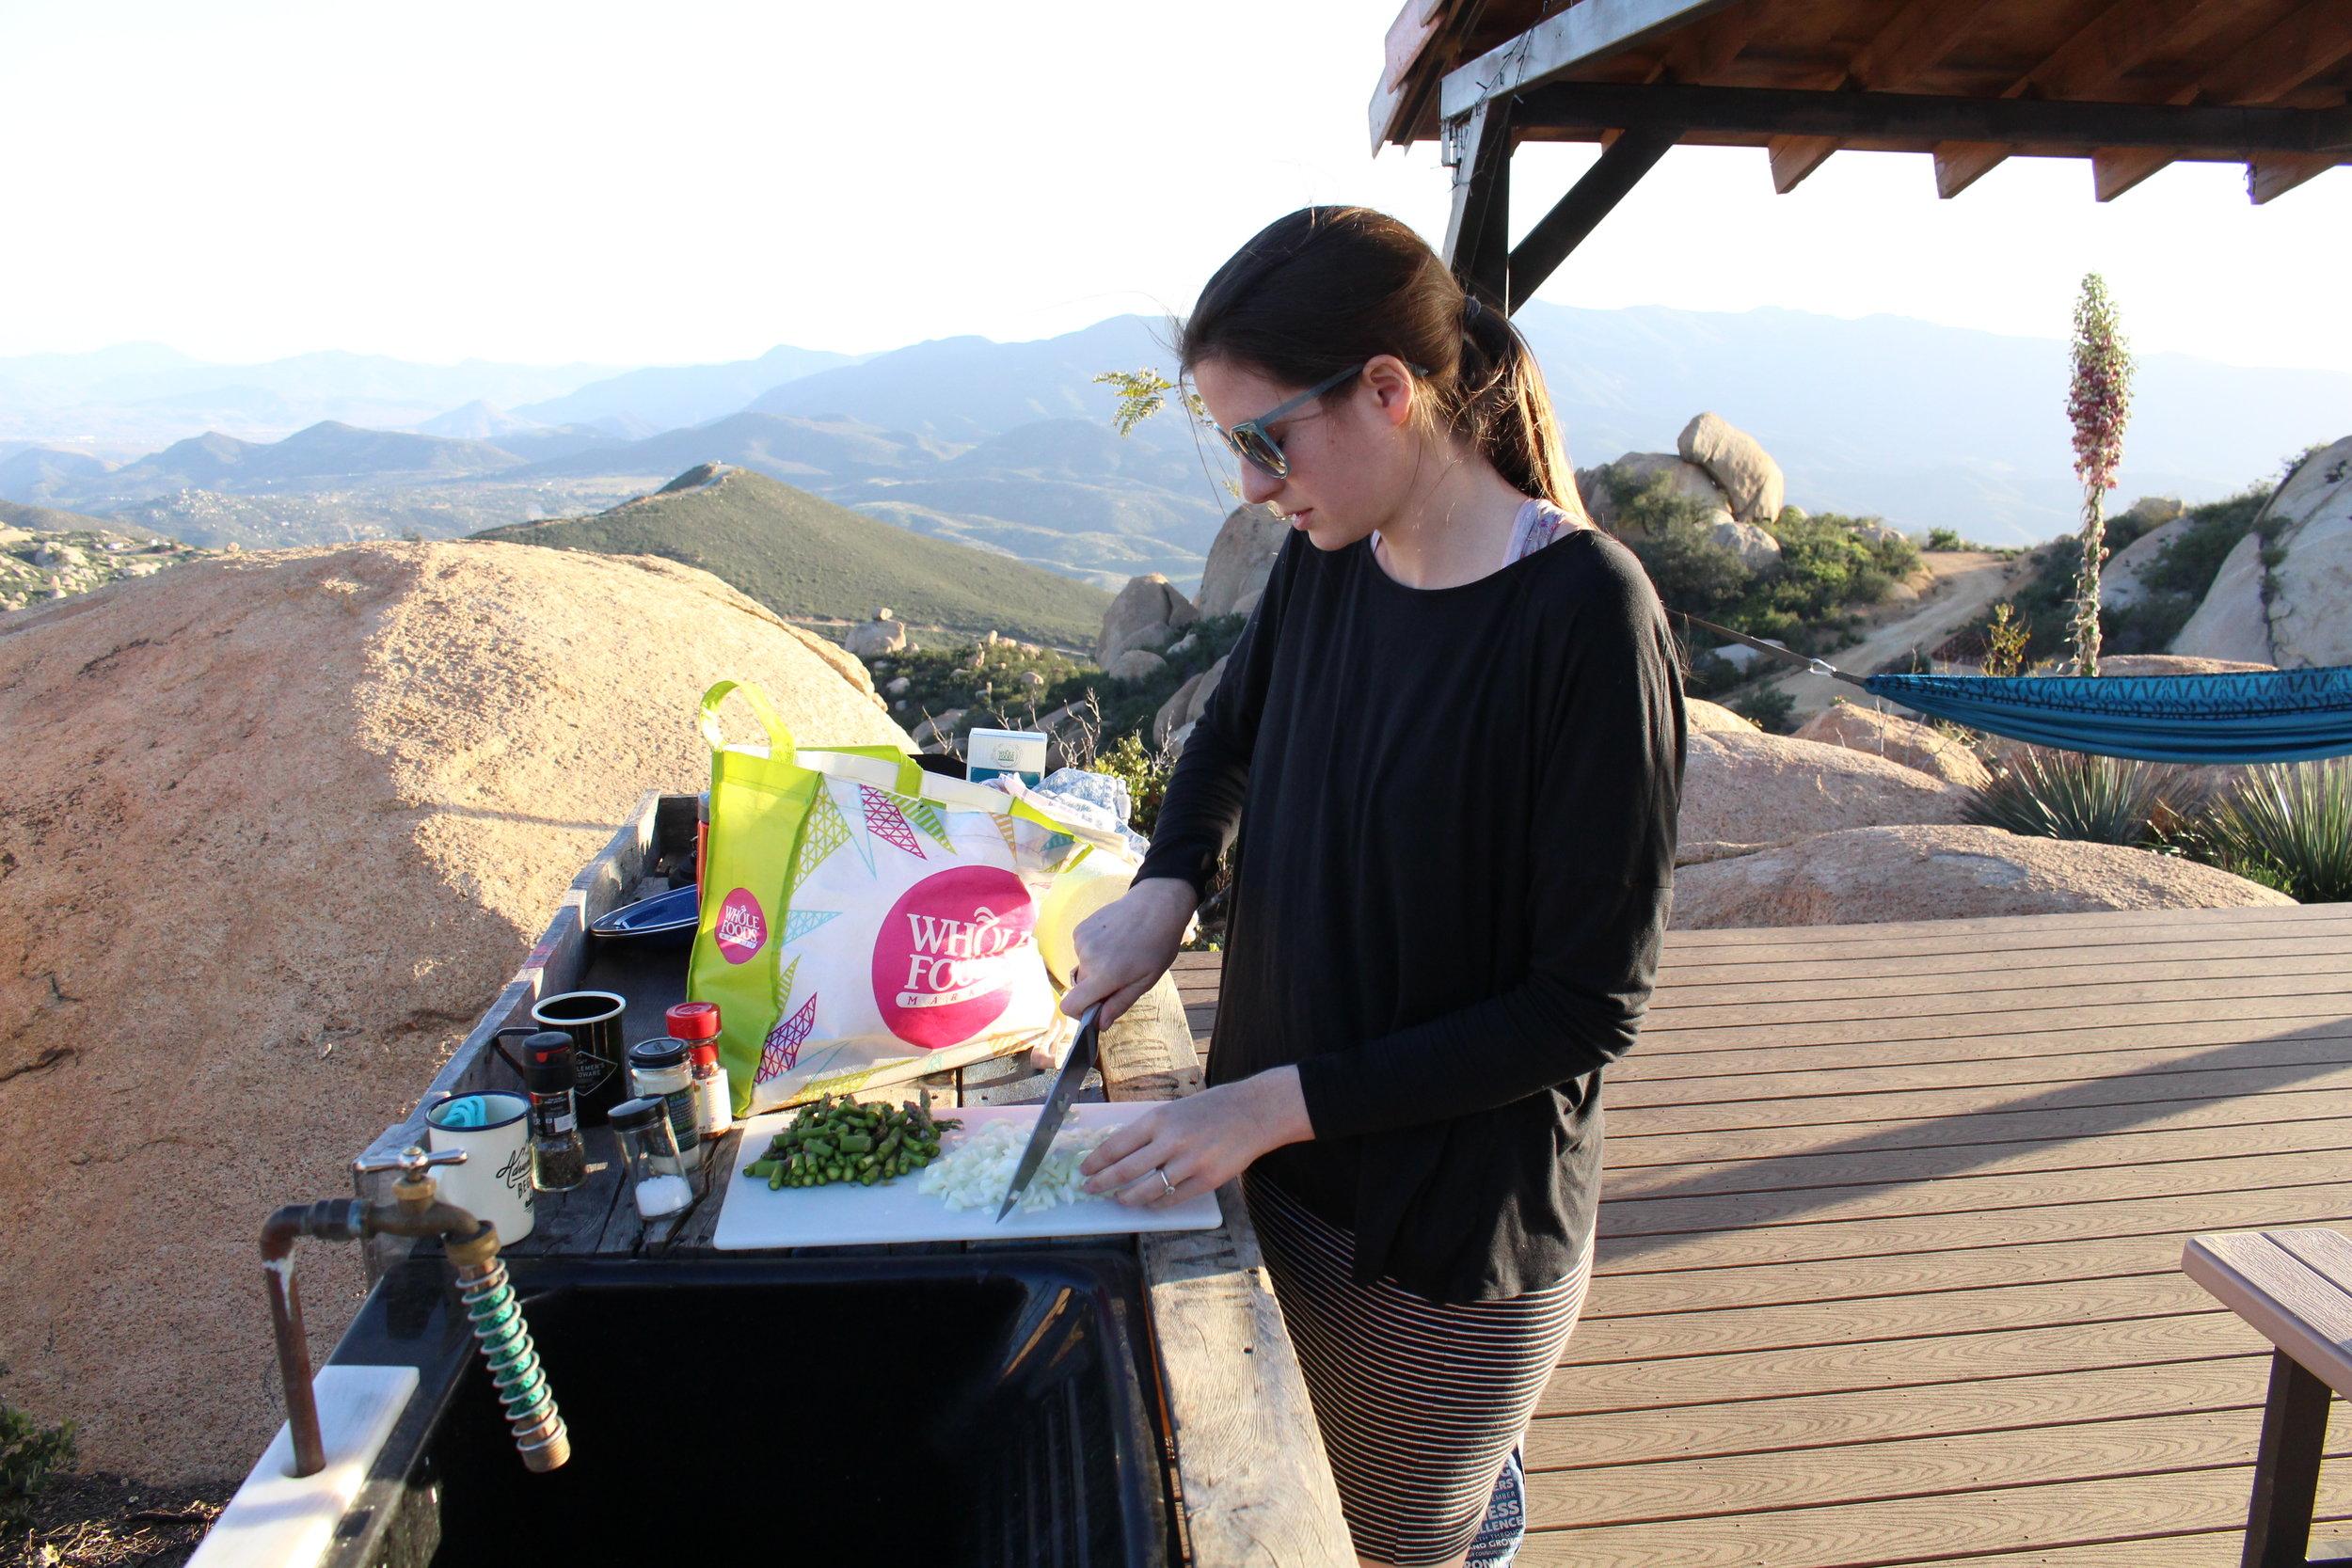 Camping_Food_Prep